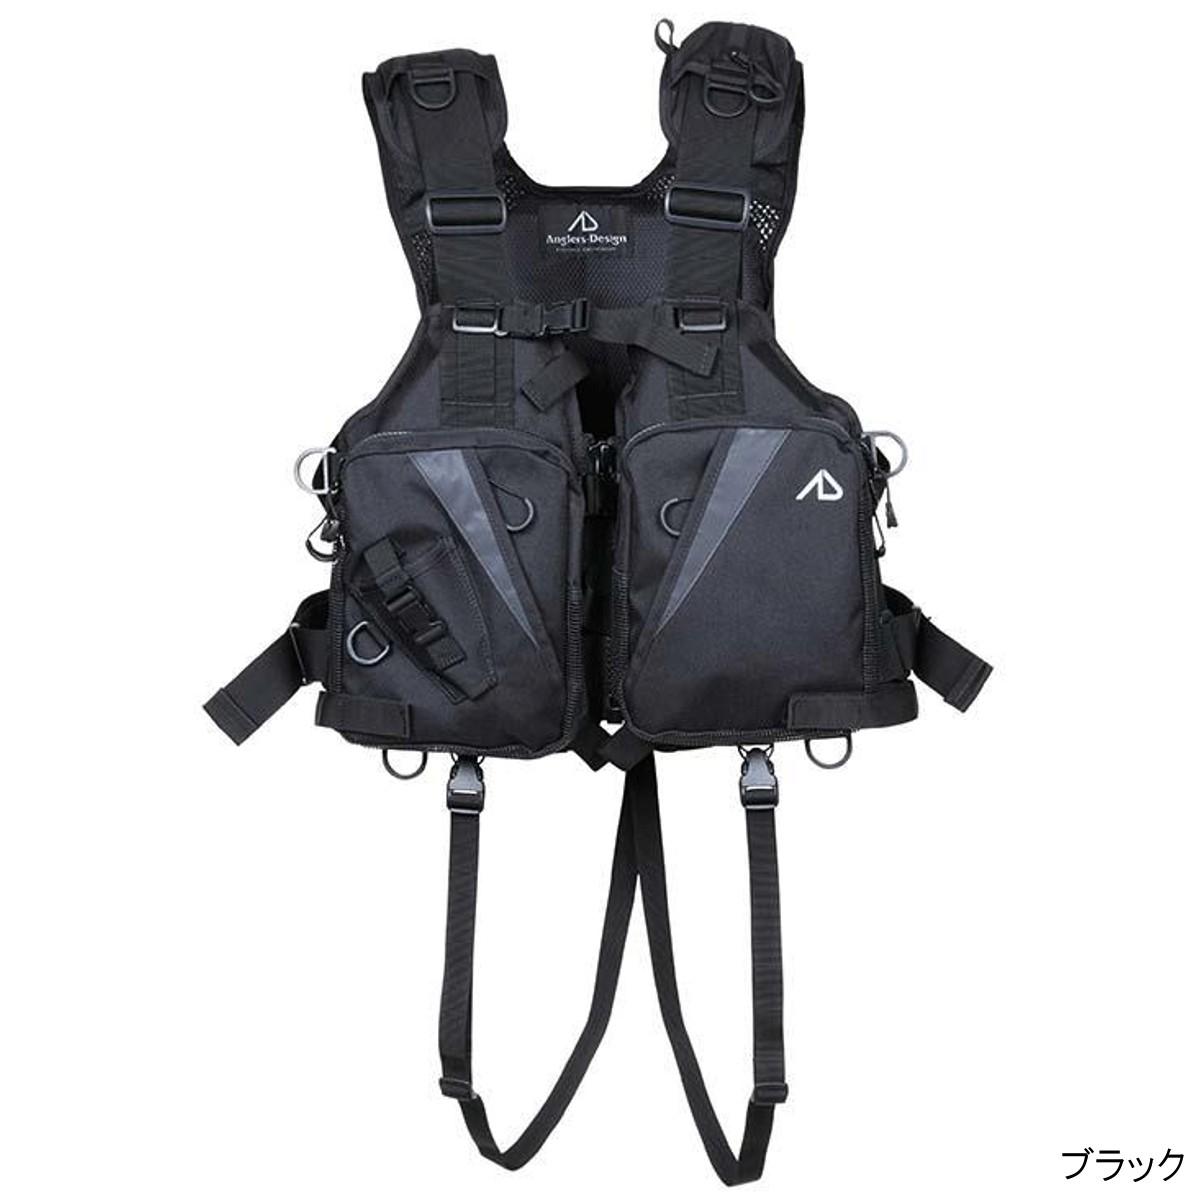 オールラウンドベスト RS-2 フリー ブラック【送料無料】